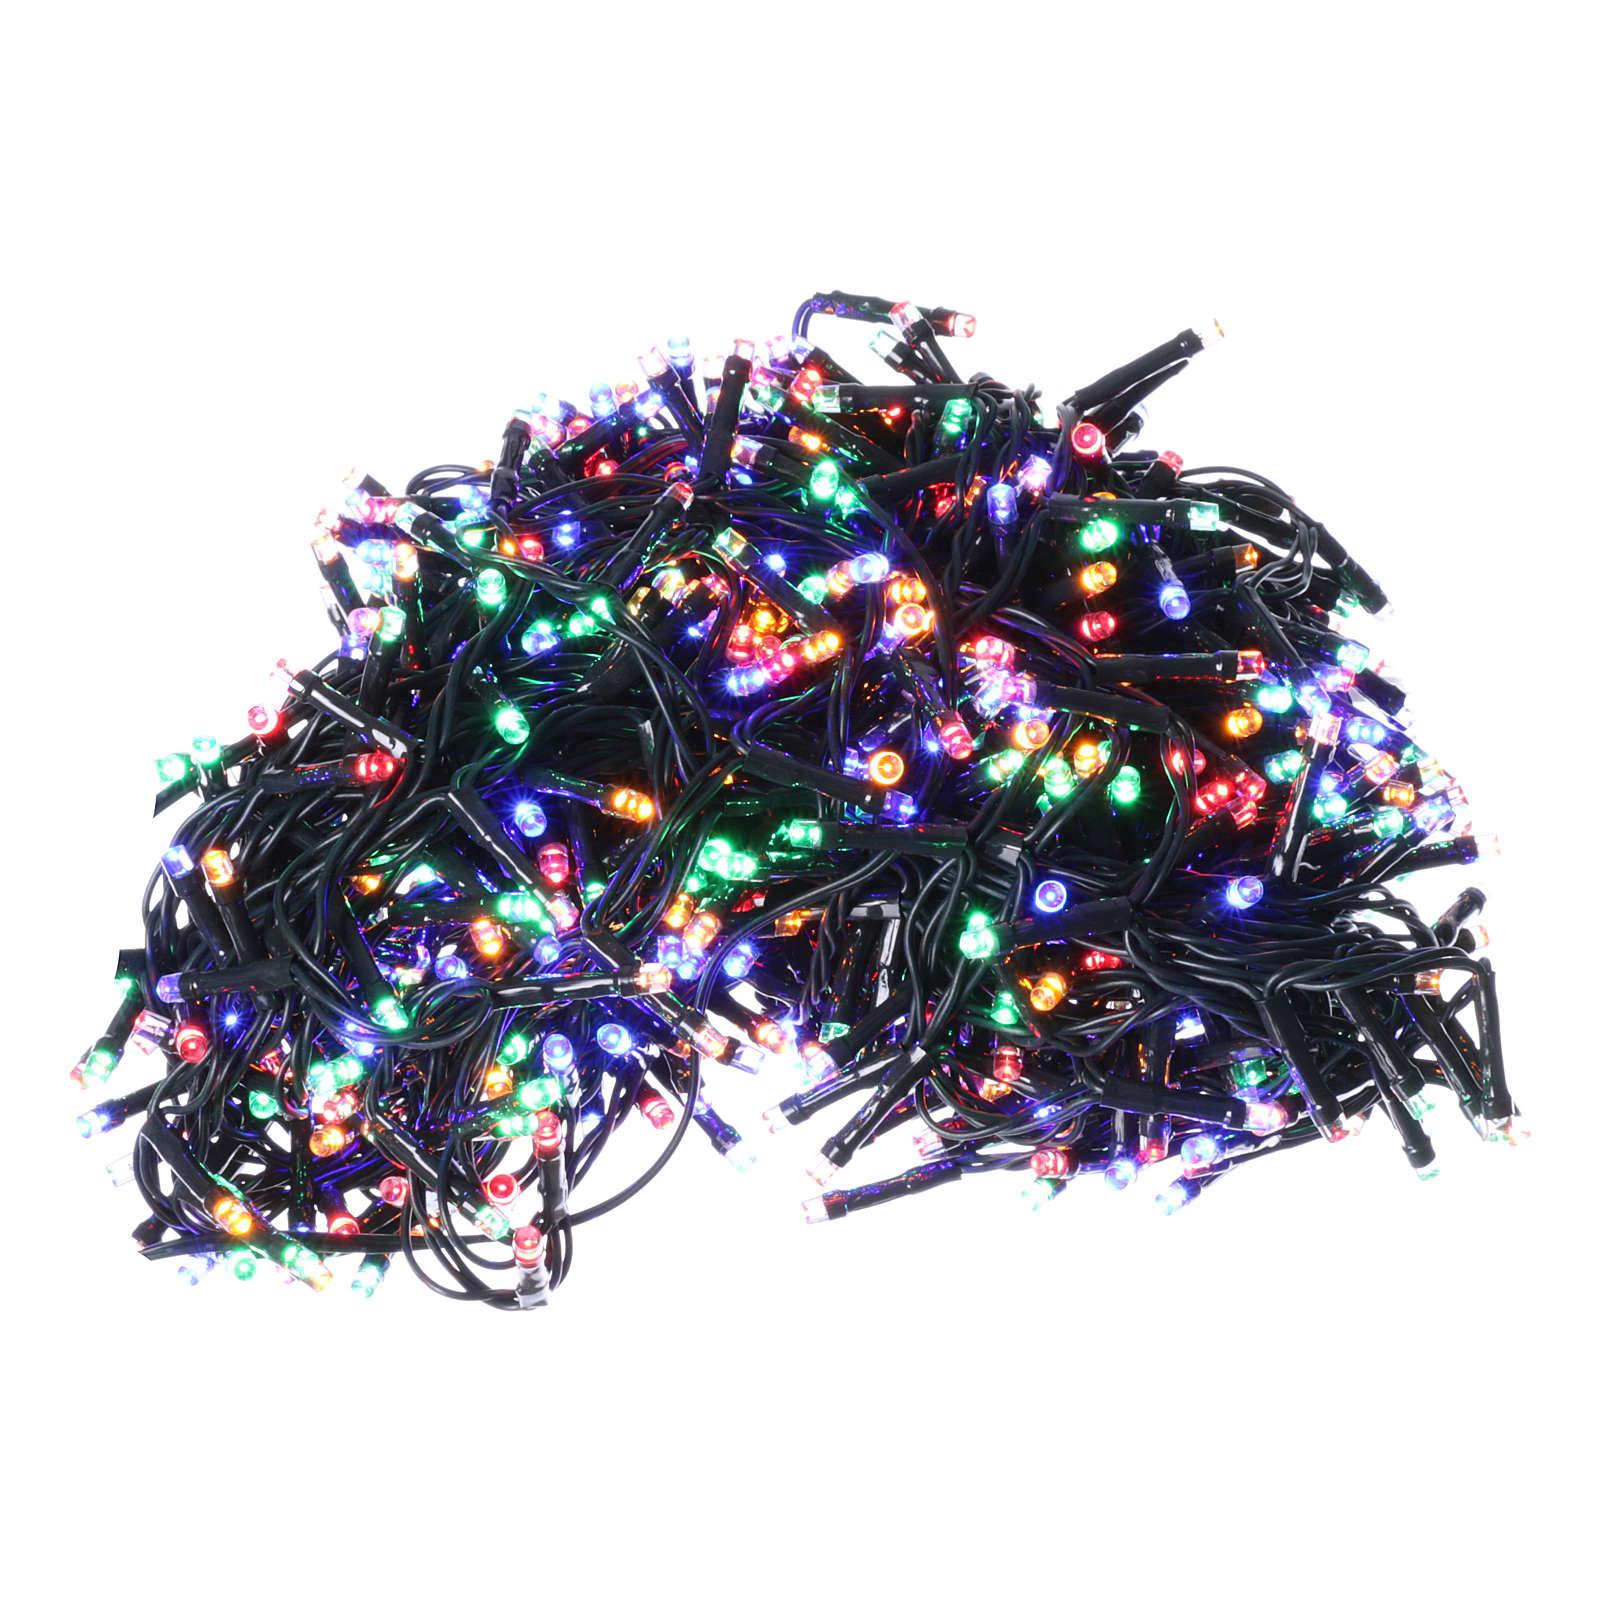 éclairage de No l 750 LED multicolores programmables